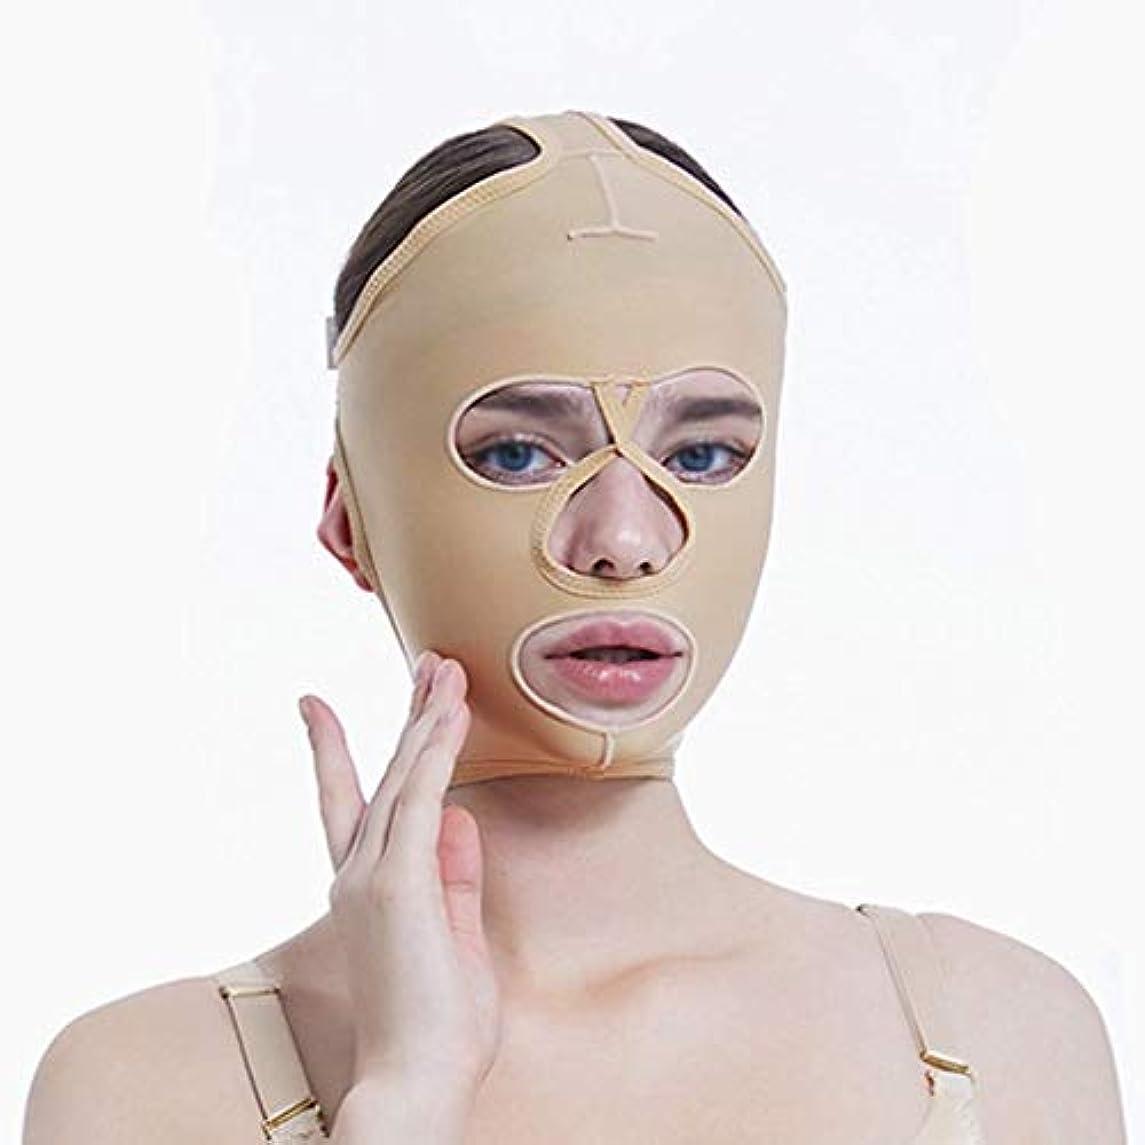 アニメーション寮陸軍チンリフティングベルト、超薄型ベルト、引き締めマスク、包帯吊り、フェイスリフティングマスク、超薄型ベルト、通気性(サイズ:L),ザ?